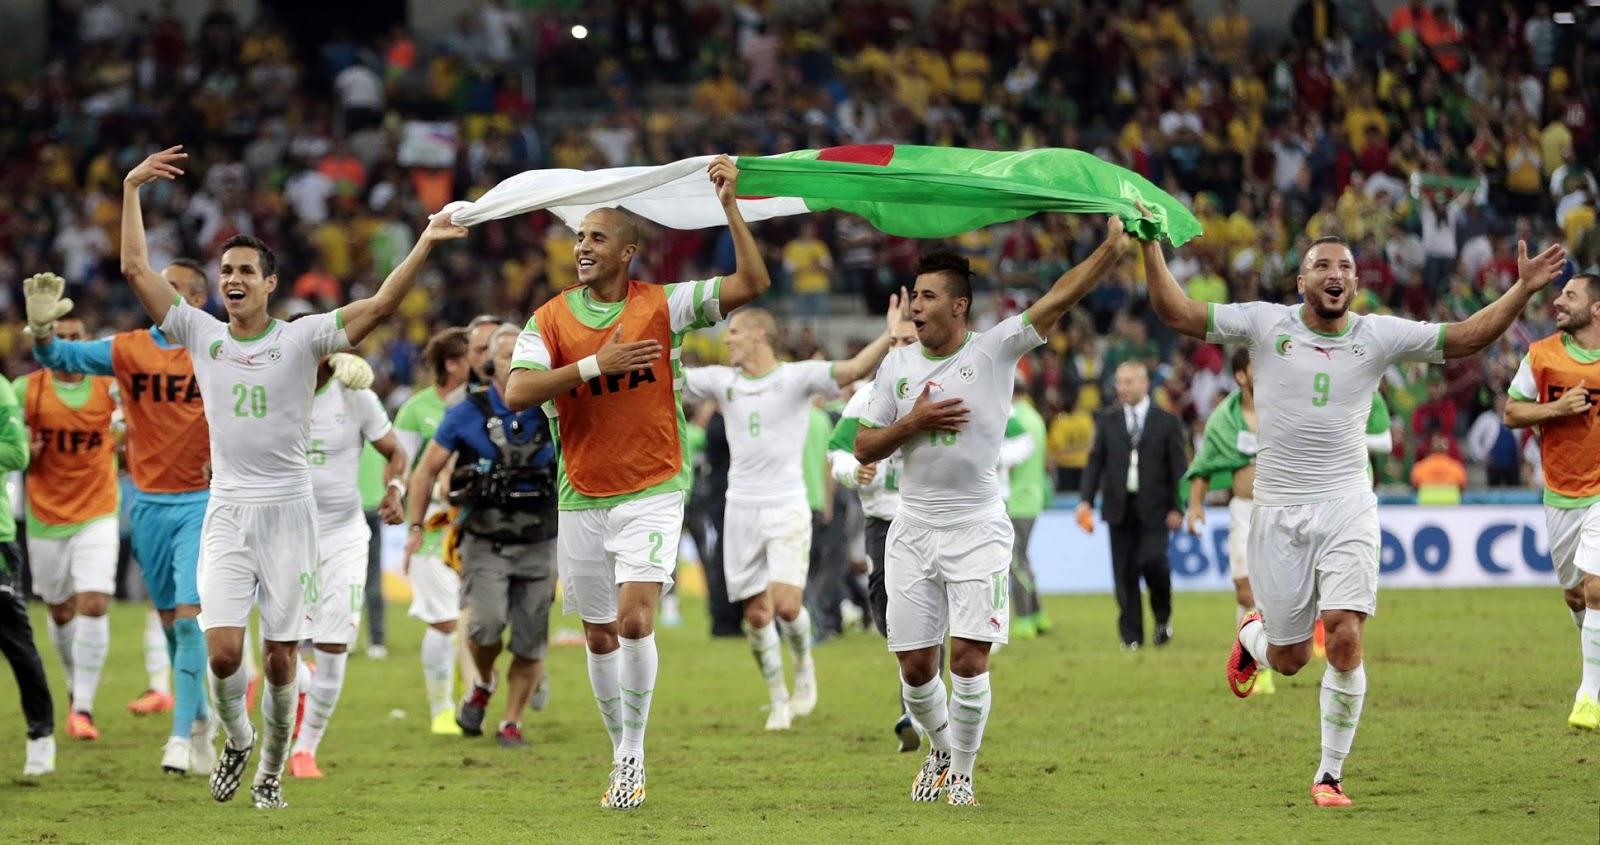 صورة صور المنتخب الوطني الجزائري , اجمل شعارات المنتخب الوطنى الجزائري